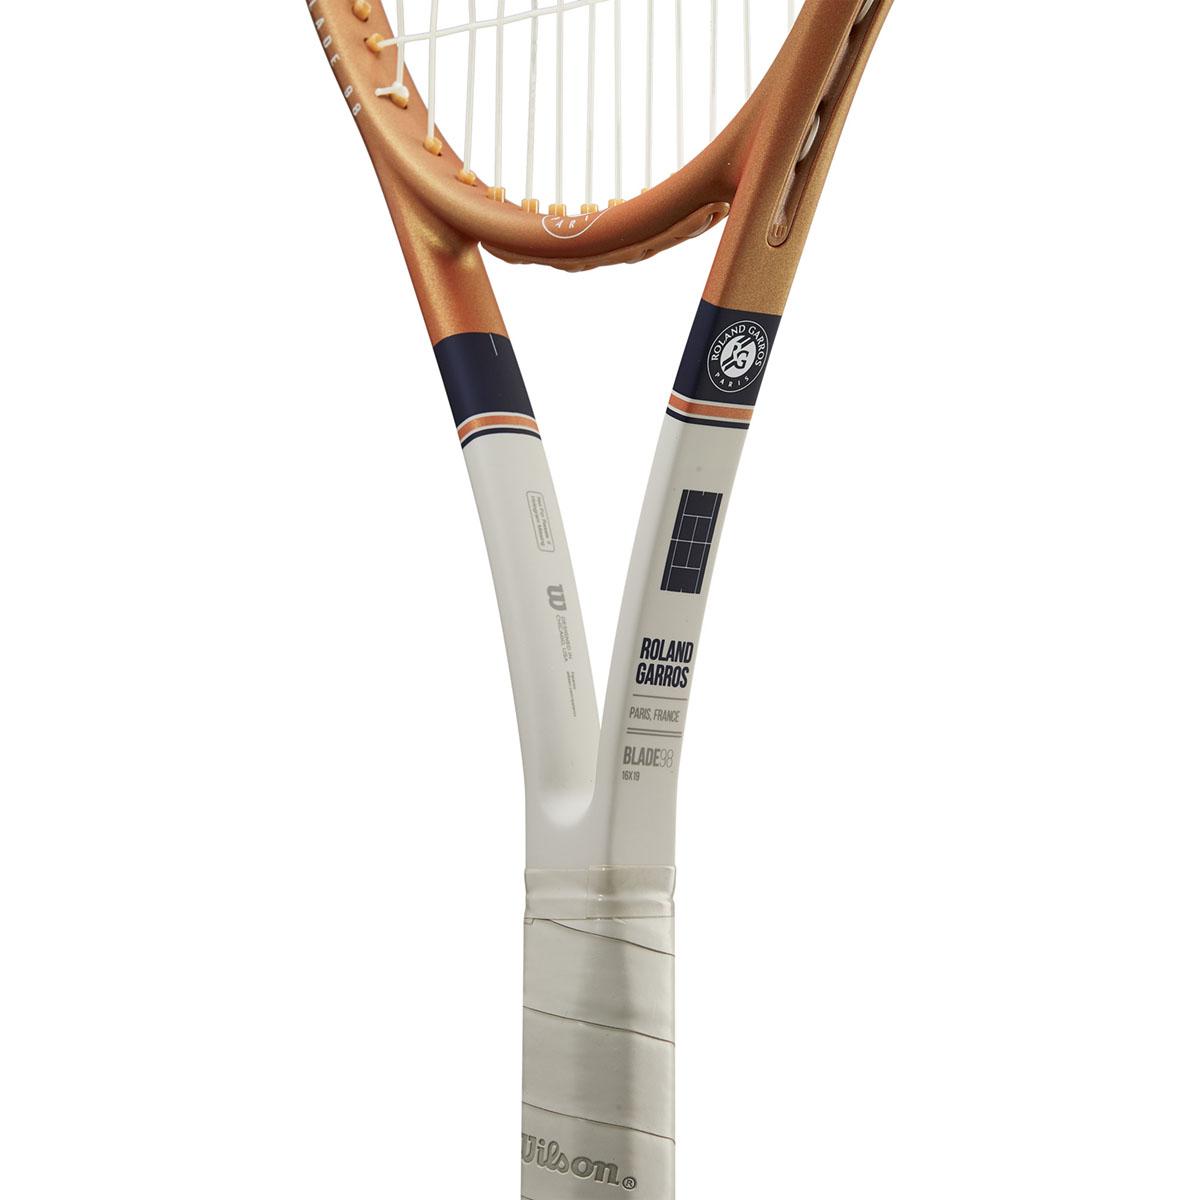 WR068611U_5_Blade_98_16x19_Roland_Garros_OR_BU_GY.png.cq5dam.web.2000.2000